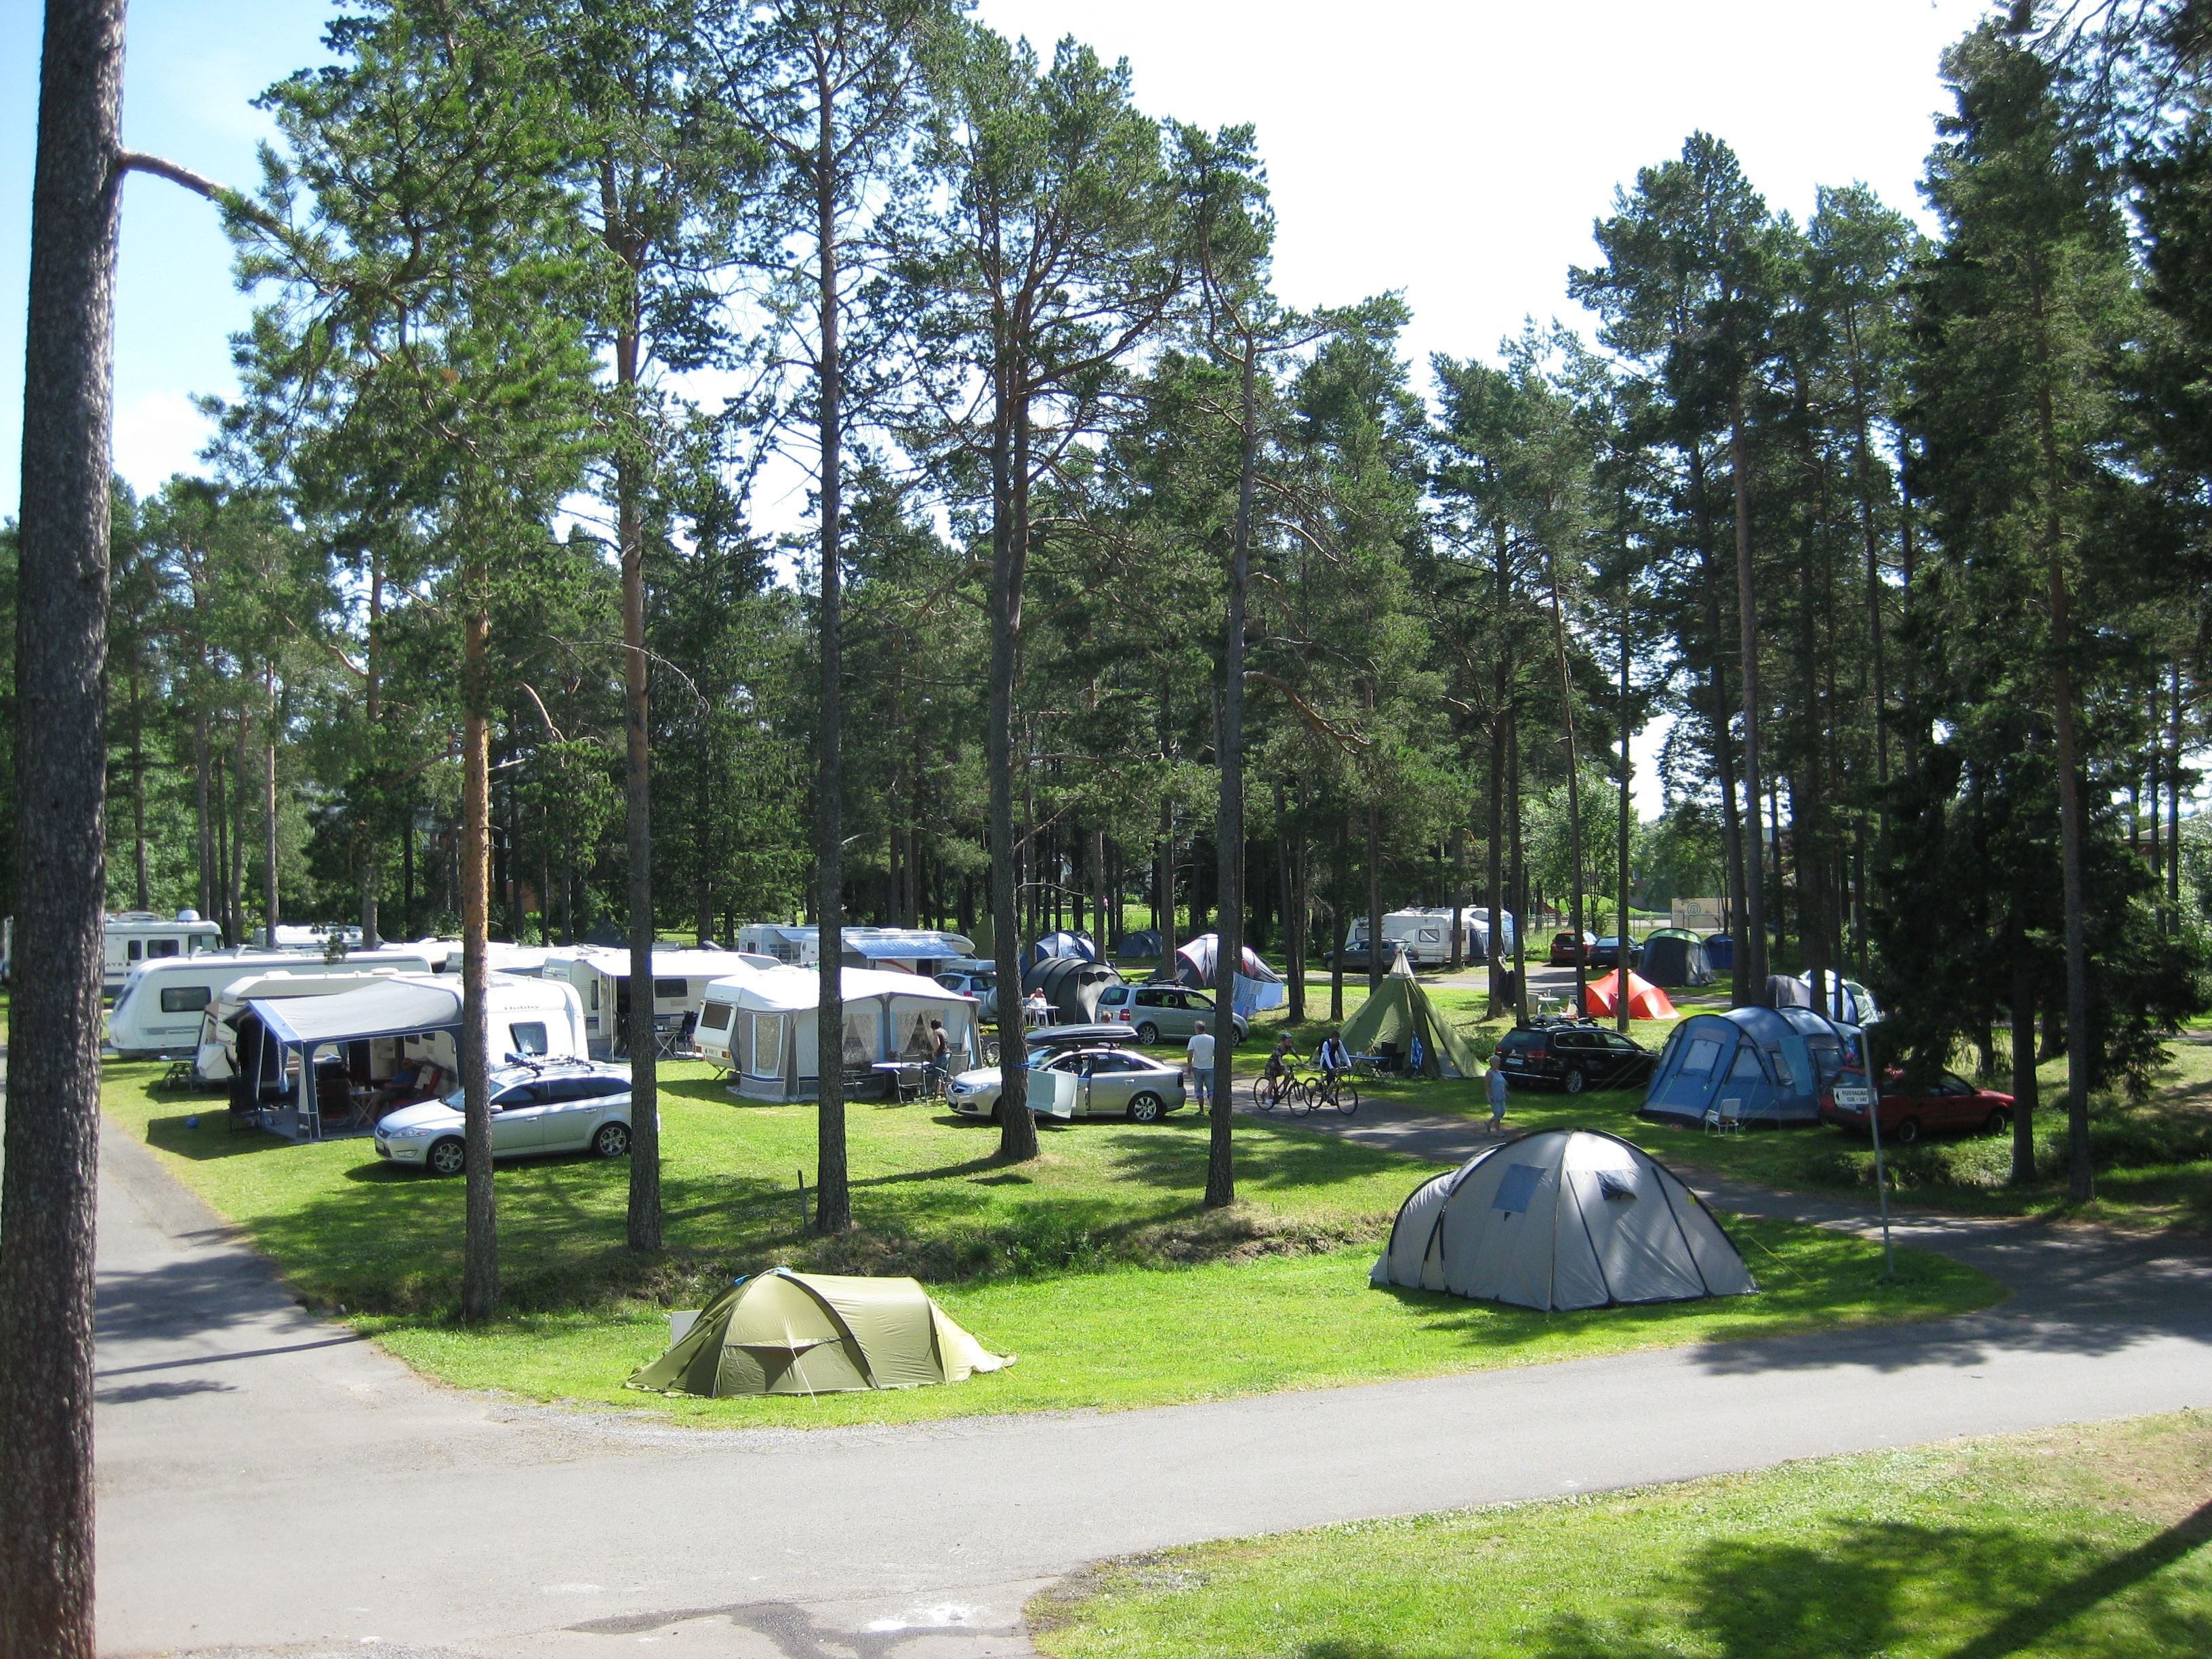 Foto: Östersunds Stugby & Camping,  © Copy:Östersunds Stugby & Camping, Campingområd